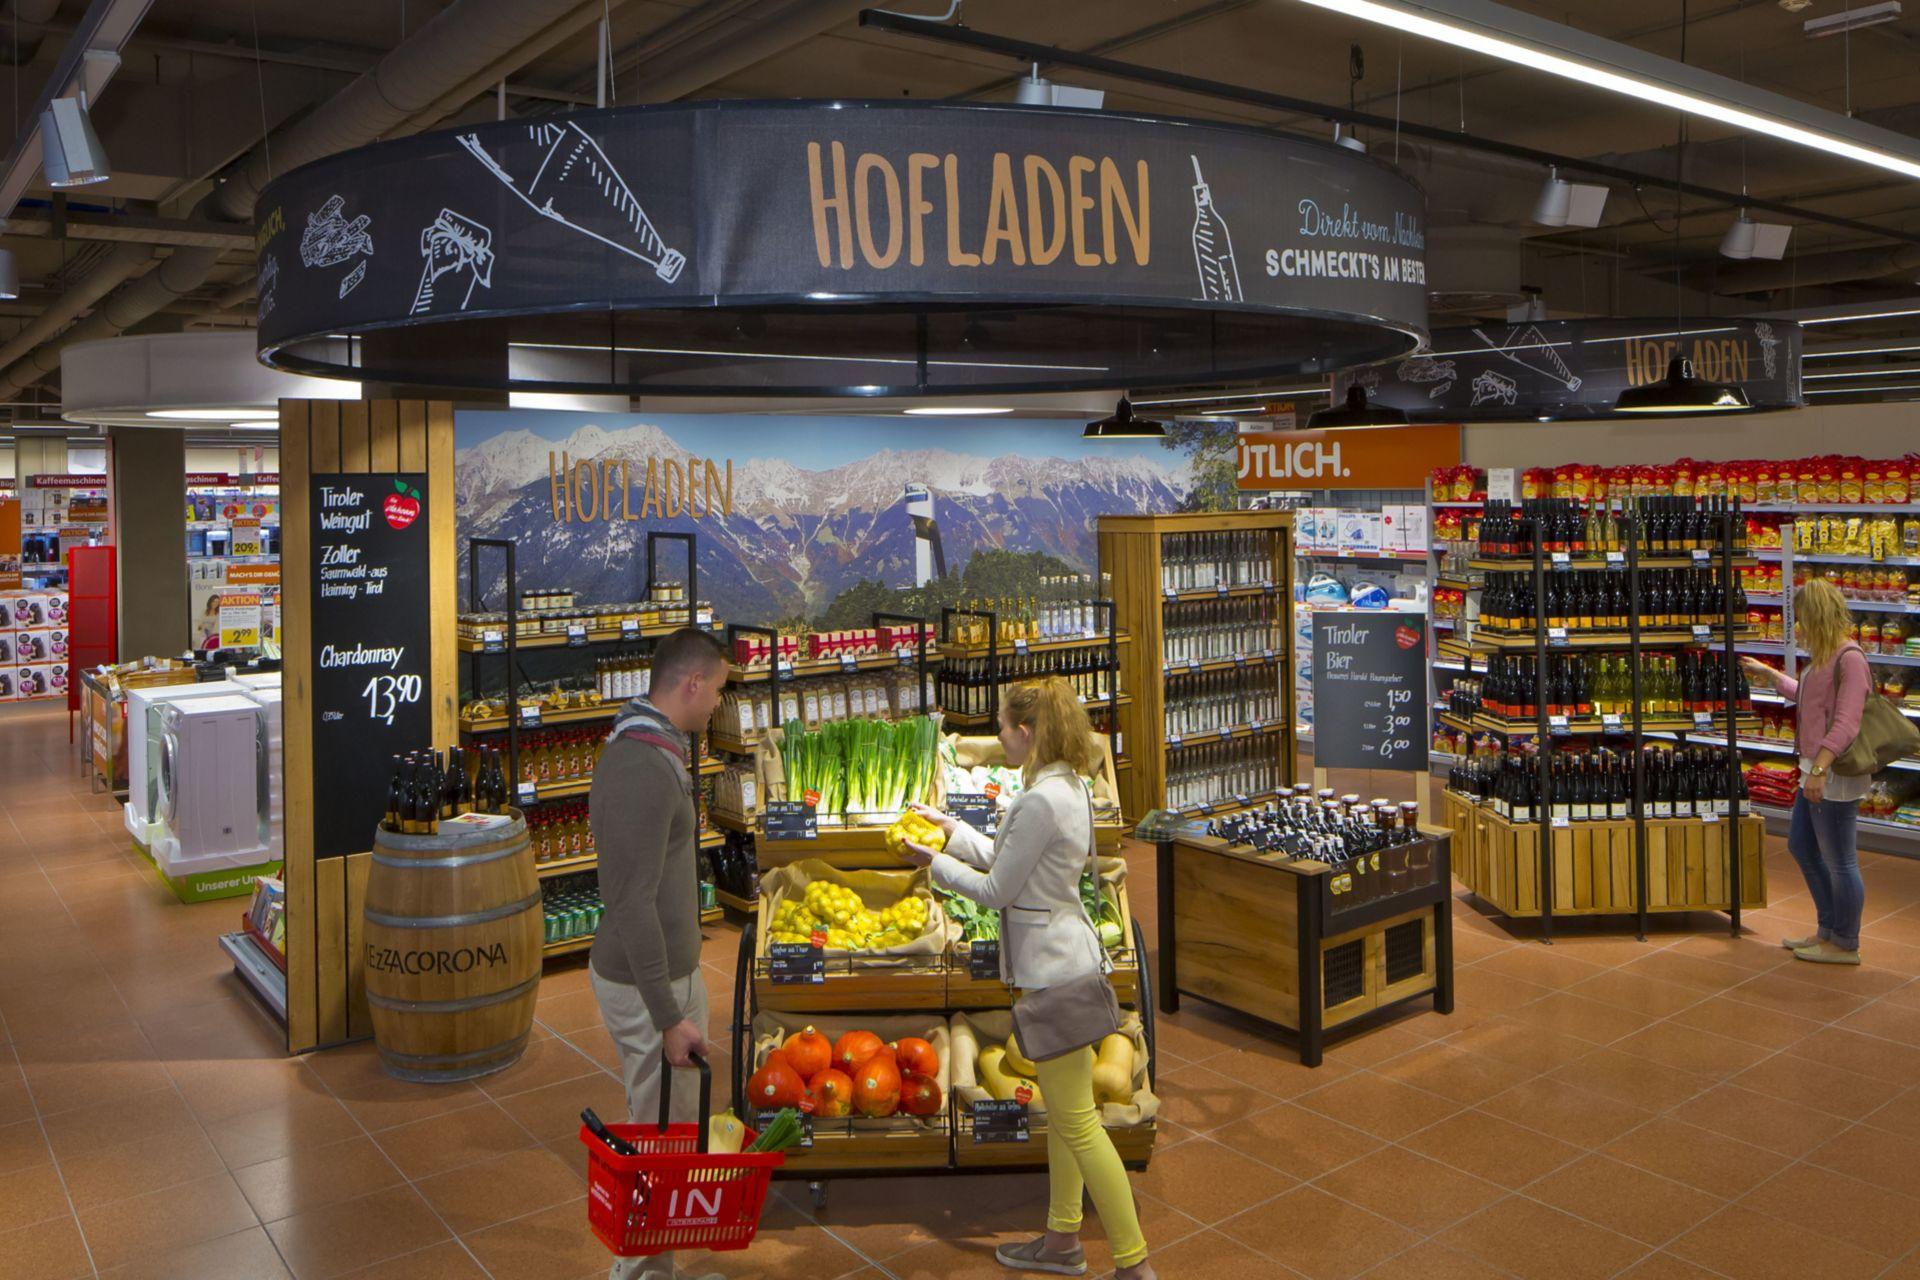 Vorzeige-Markt mit österreichweit einzigartigem Sortiment und Ladenbau